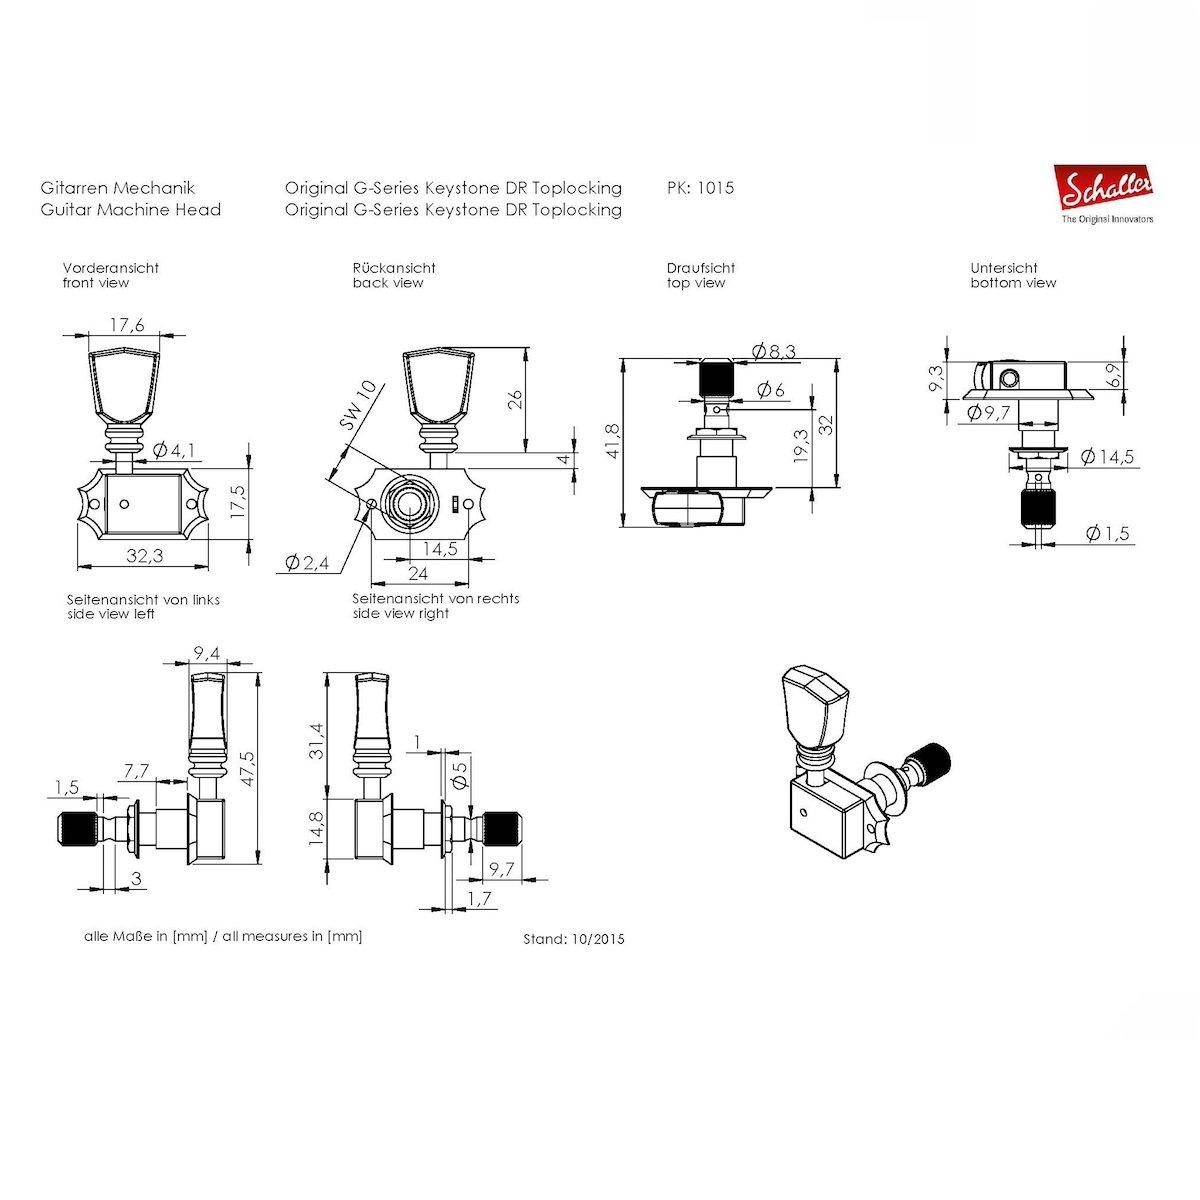 Amazon.com: Schaller Machine Heads - Original G-Series Deluxe Keystone DR Toplocking Nickel: Musical Instruments